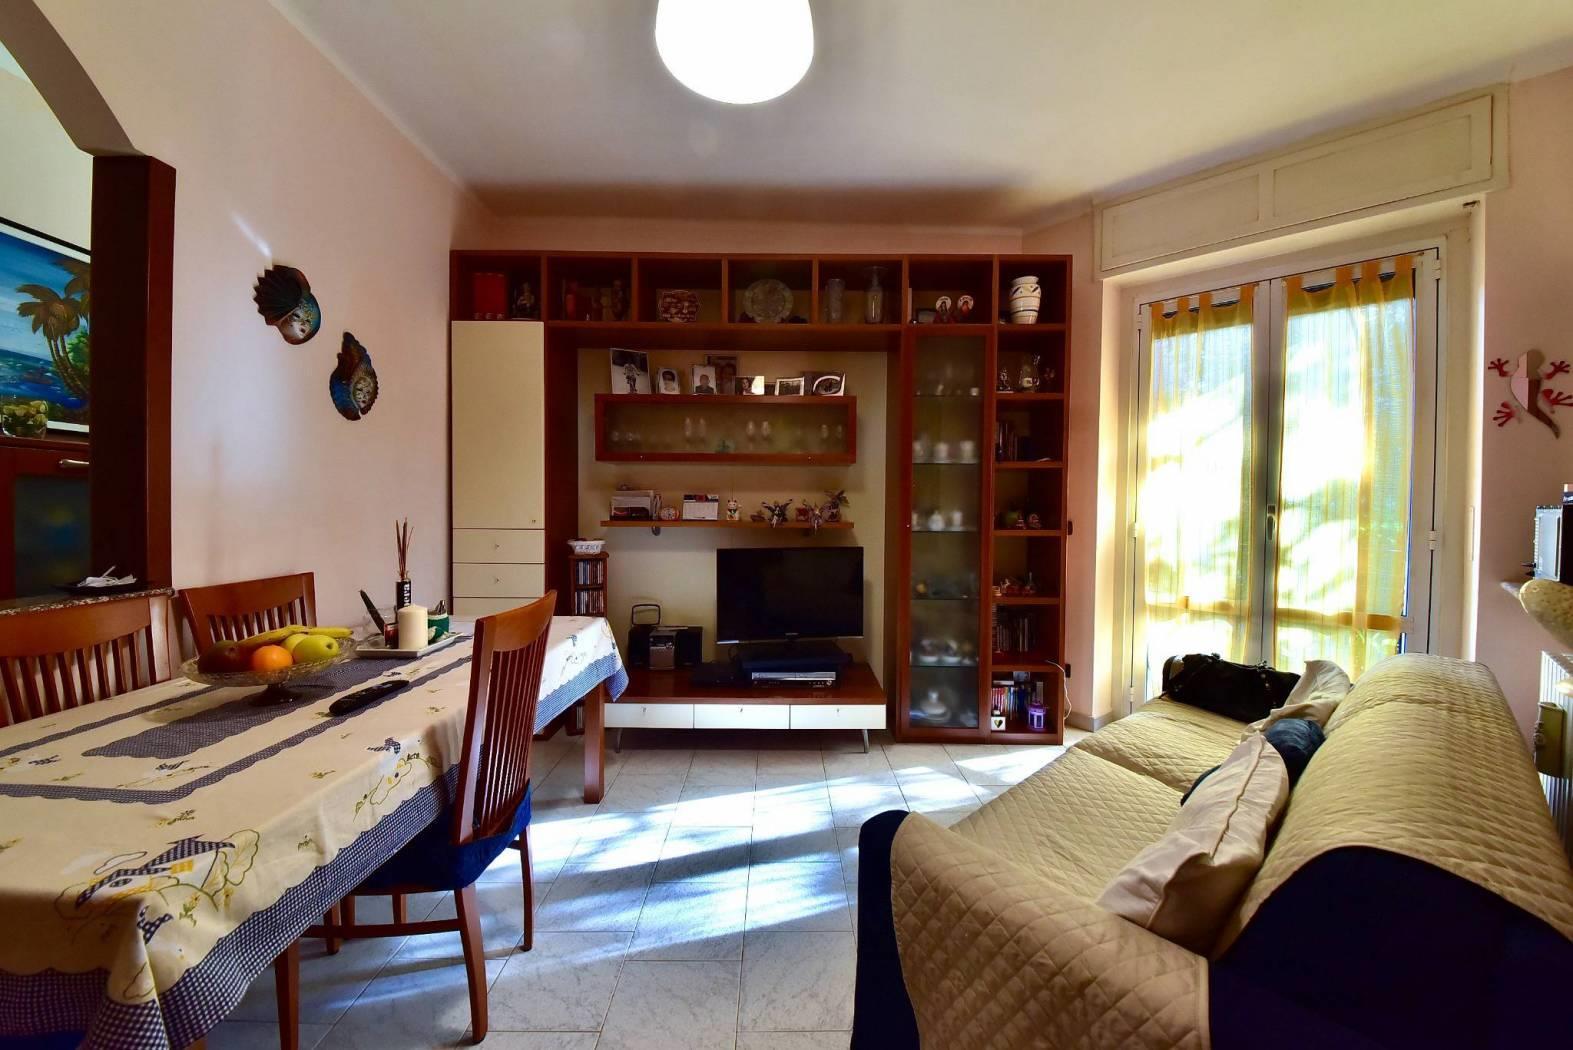 Foto 5 - Appartamento in Vendita - Desio (Monza e Brianza)